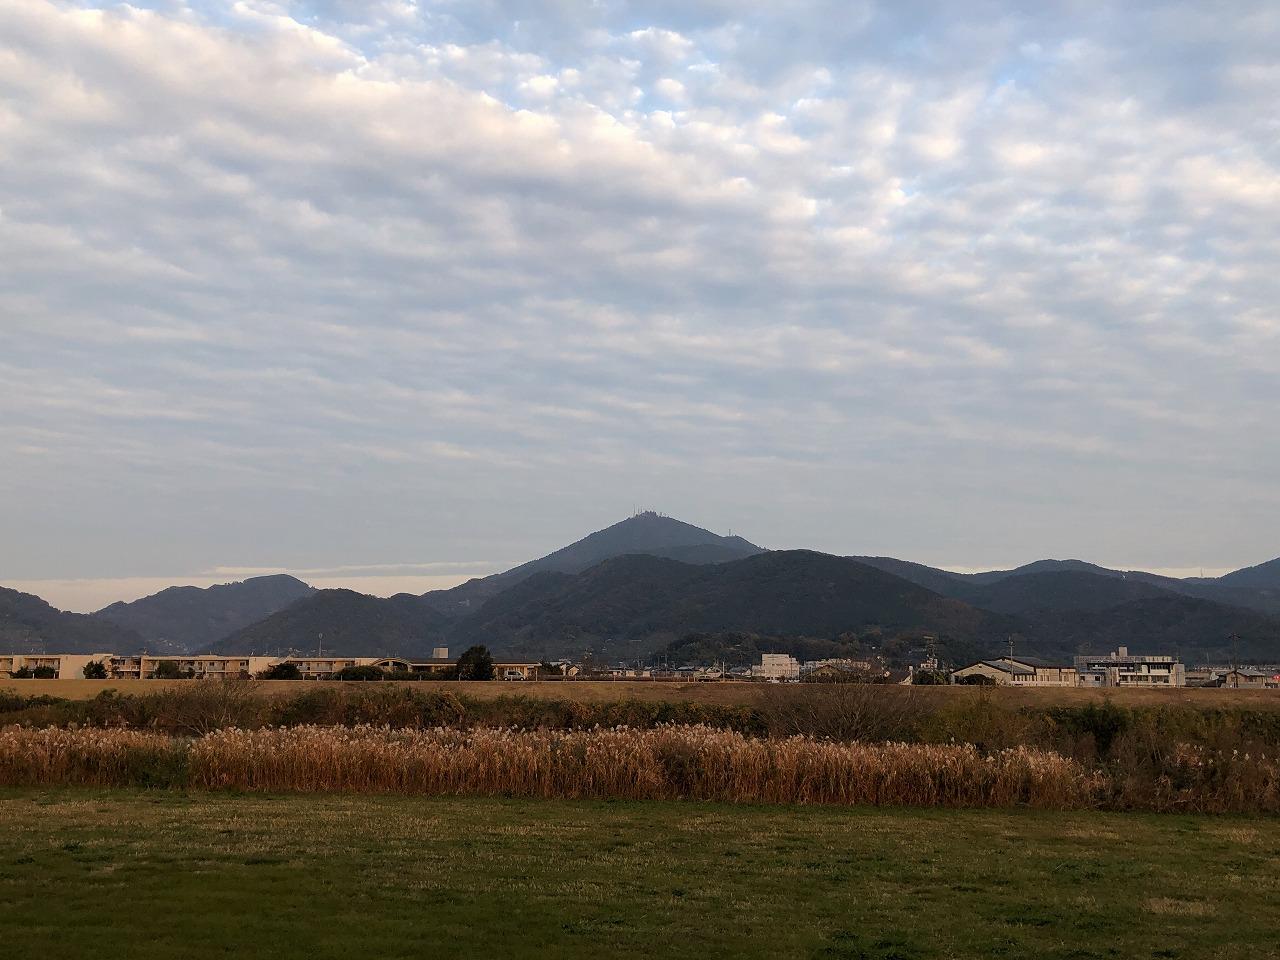 2019.12.5今朝の金峰山です。